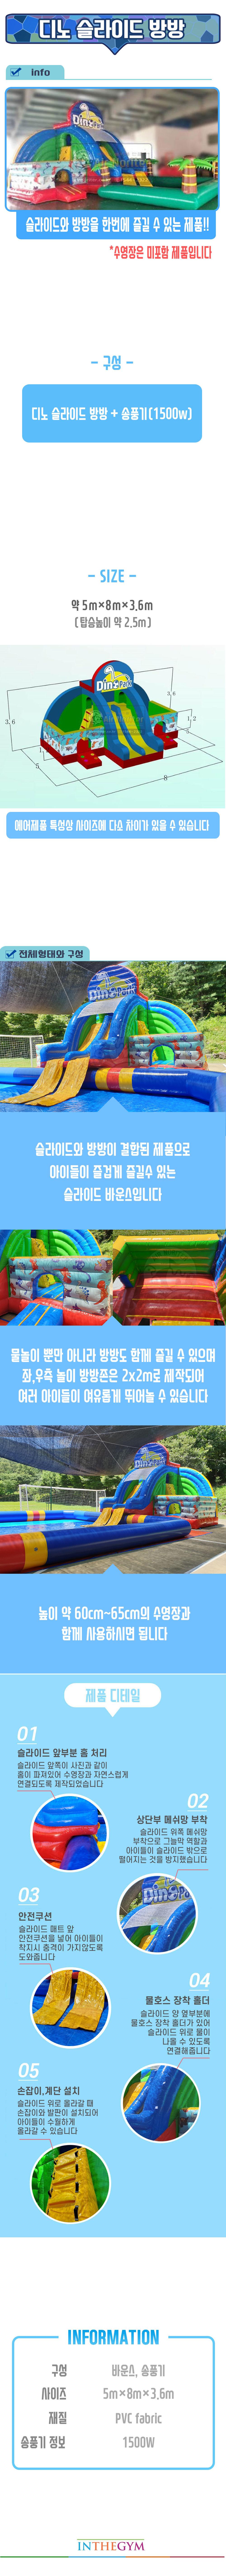 095c5fac469a39aeadee962697c1a16a_1567643323_4827.jpg